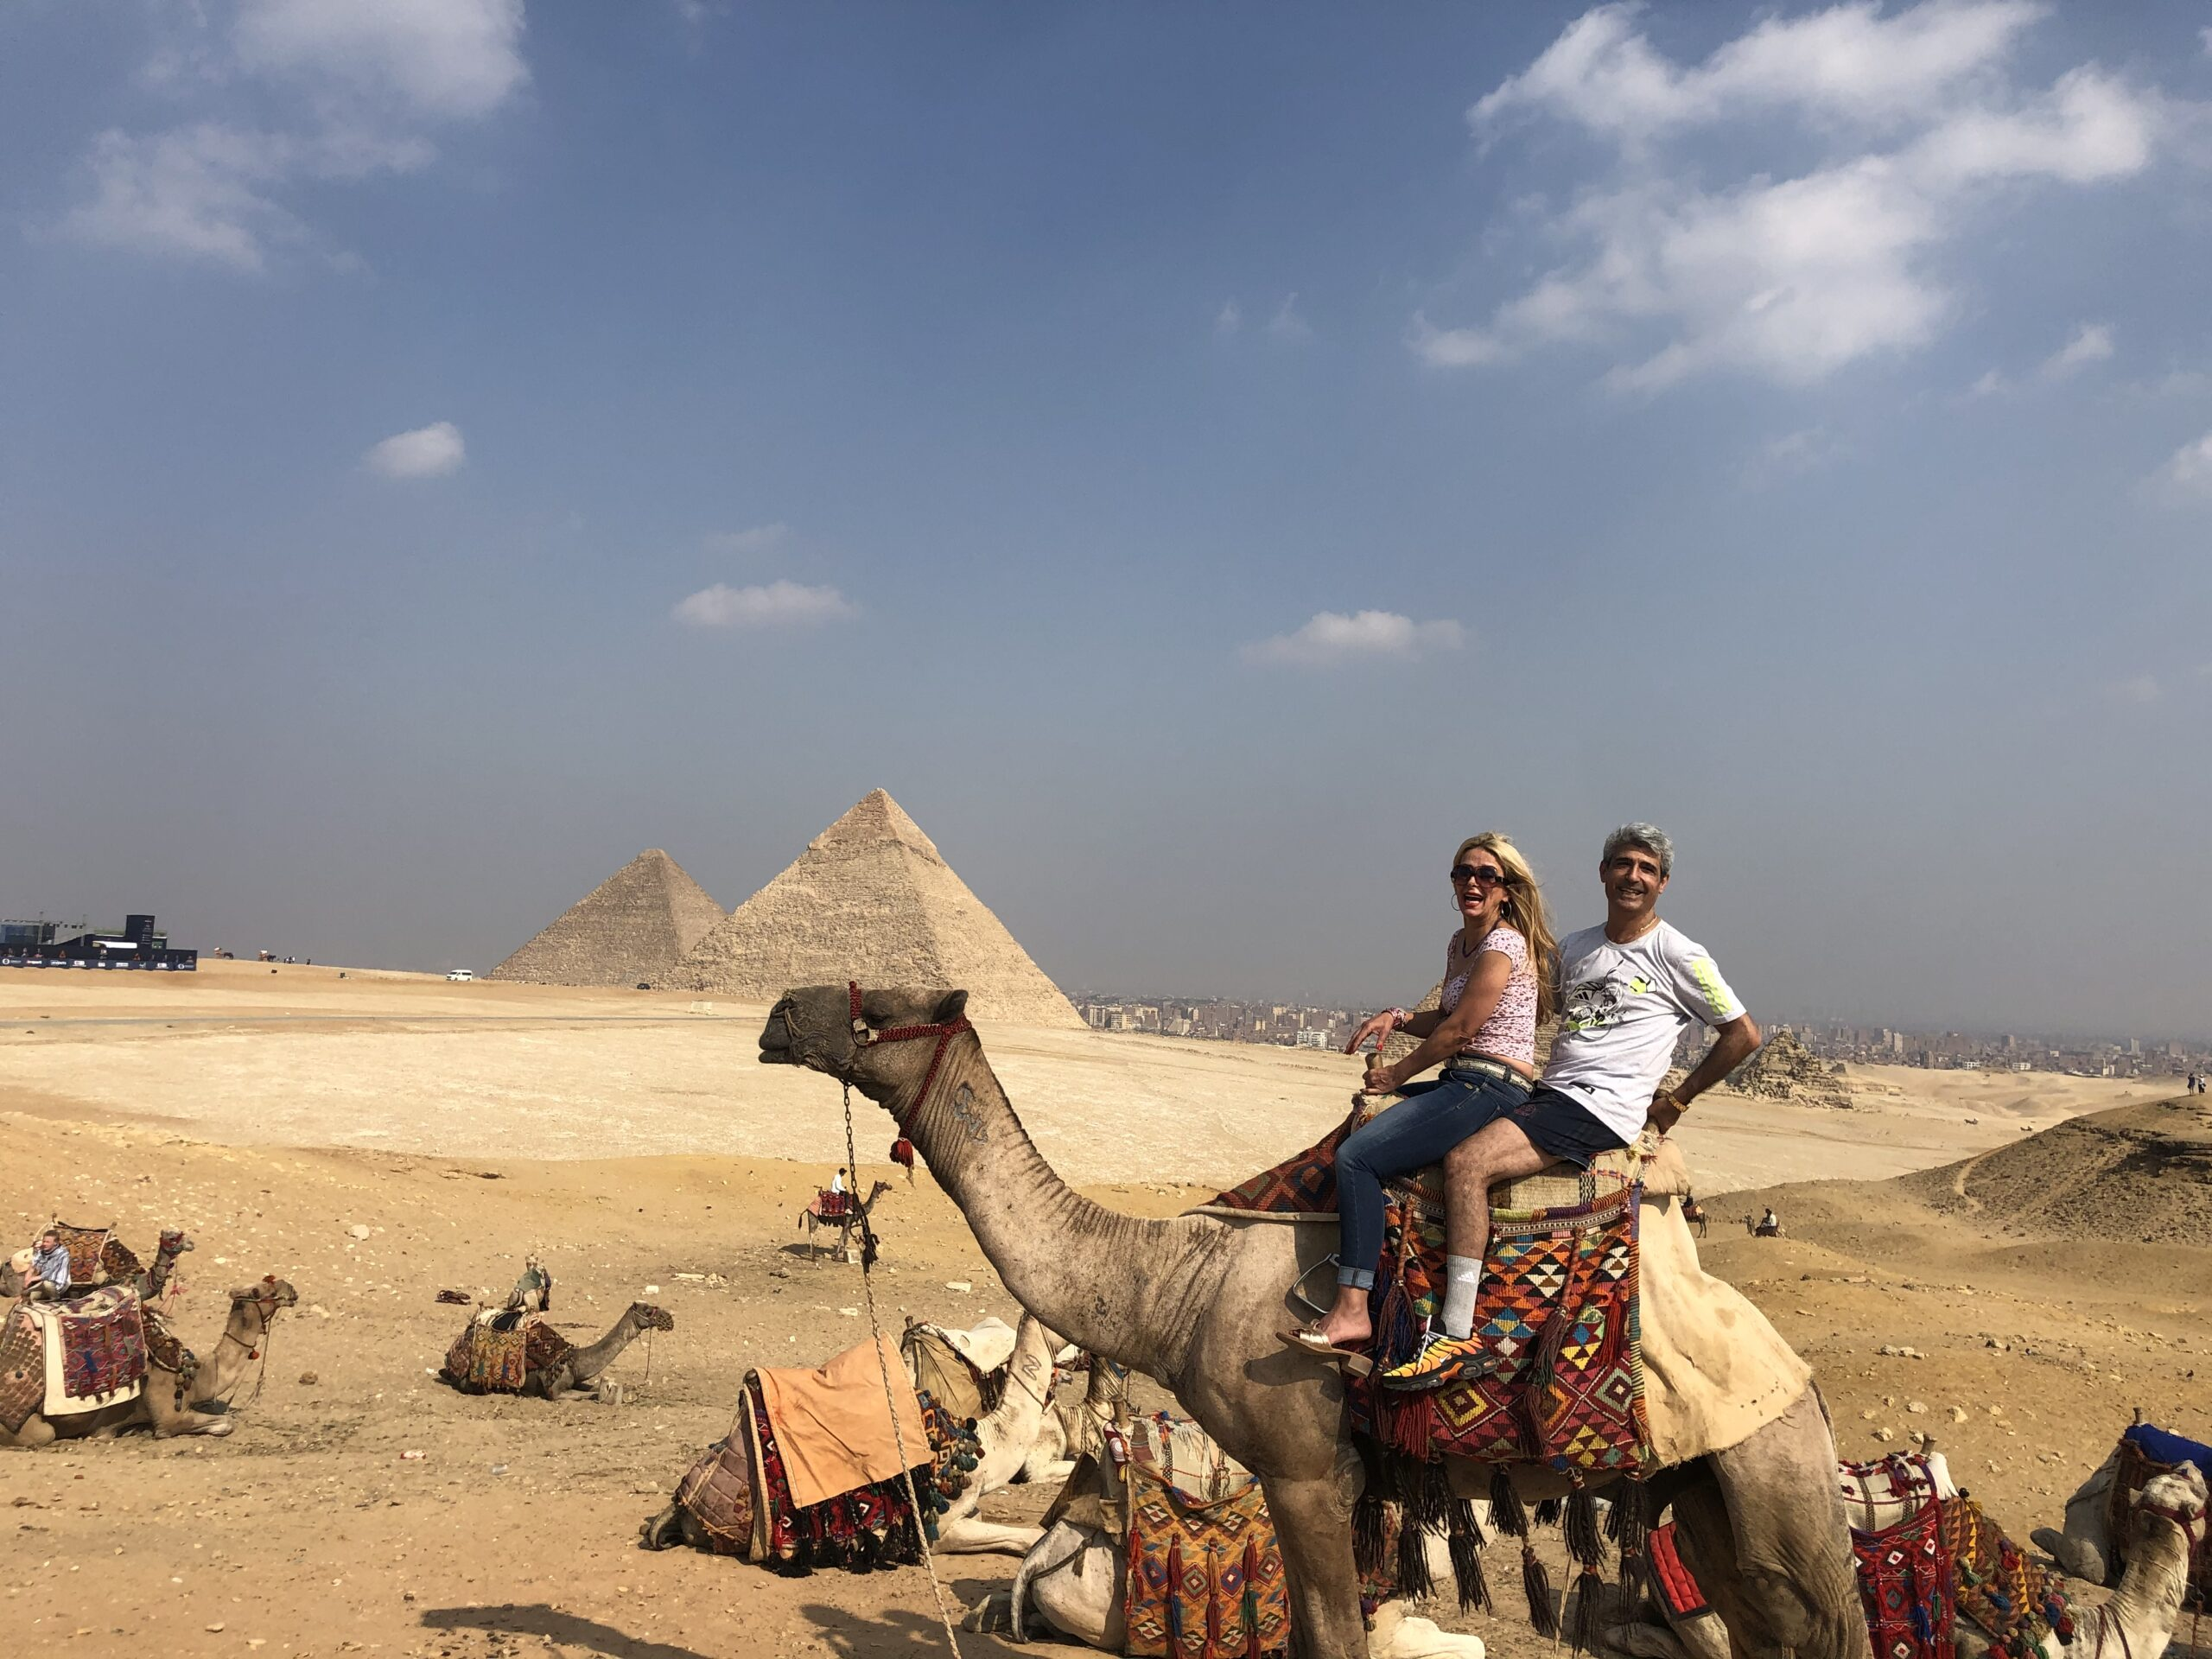 Cairo pyramids tour, camel ride